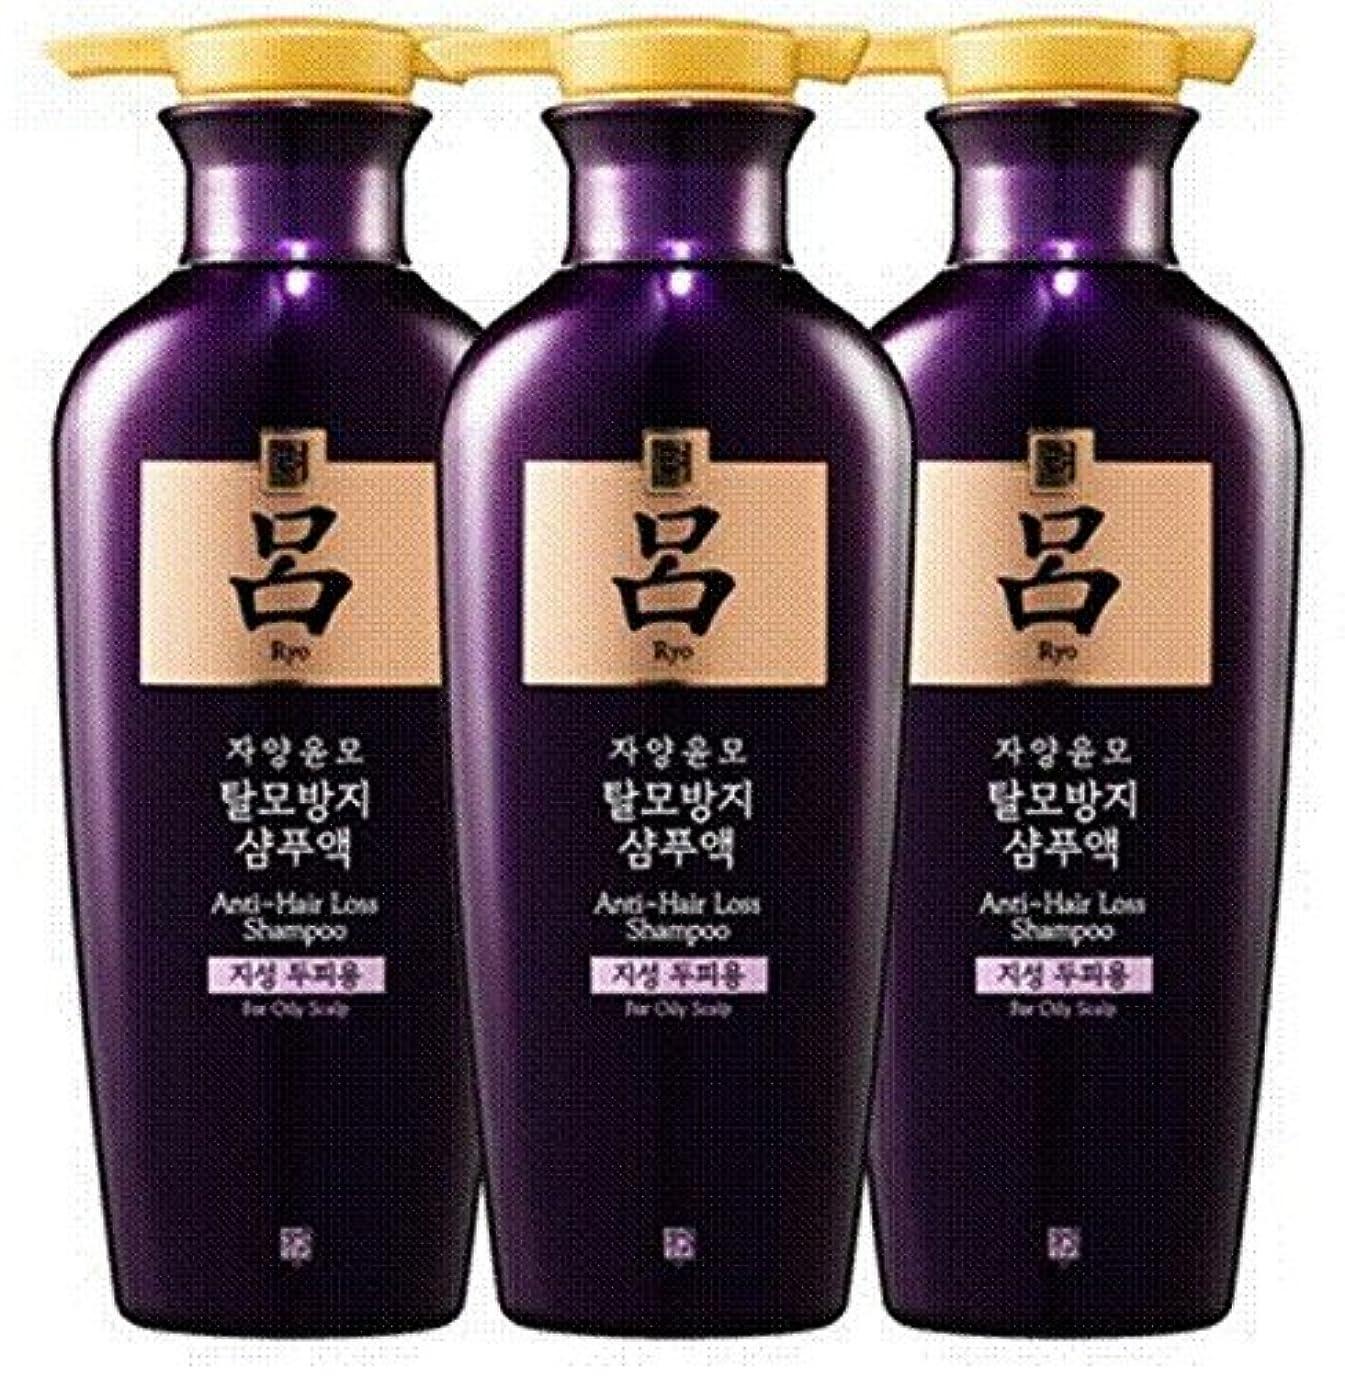 影響放出インストラクターの脱毛防止シャンプー(アモーレパシフィック)呂 う者ヤンユンモ脱毛防止シャンプー脂性頭皮用RYO Anti Hair Loss Shampoo400ml X3(海外直送品)[並行輸入品]